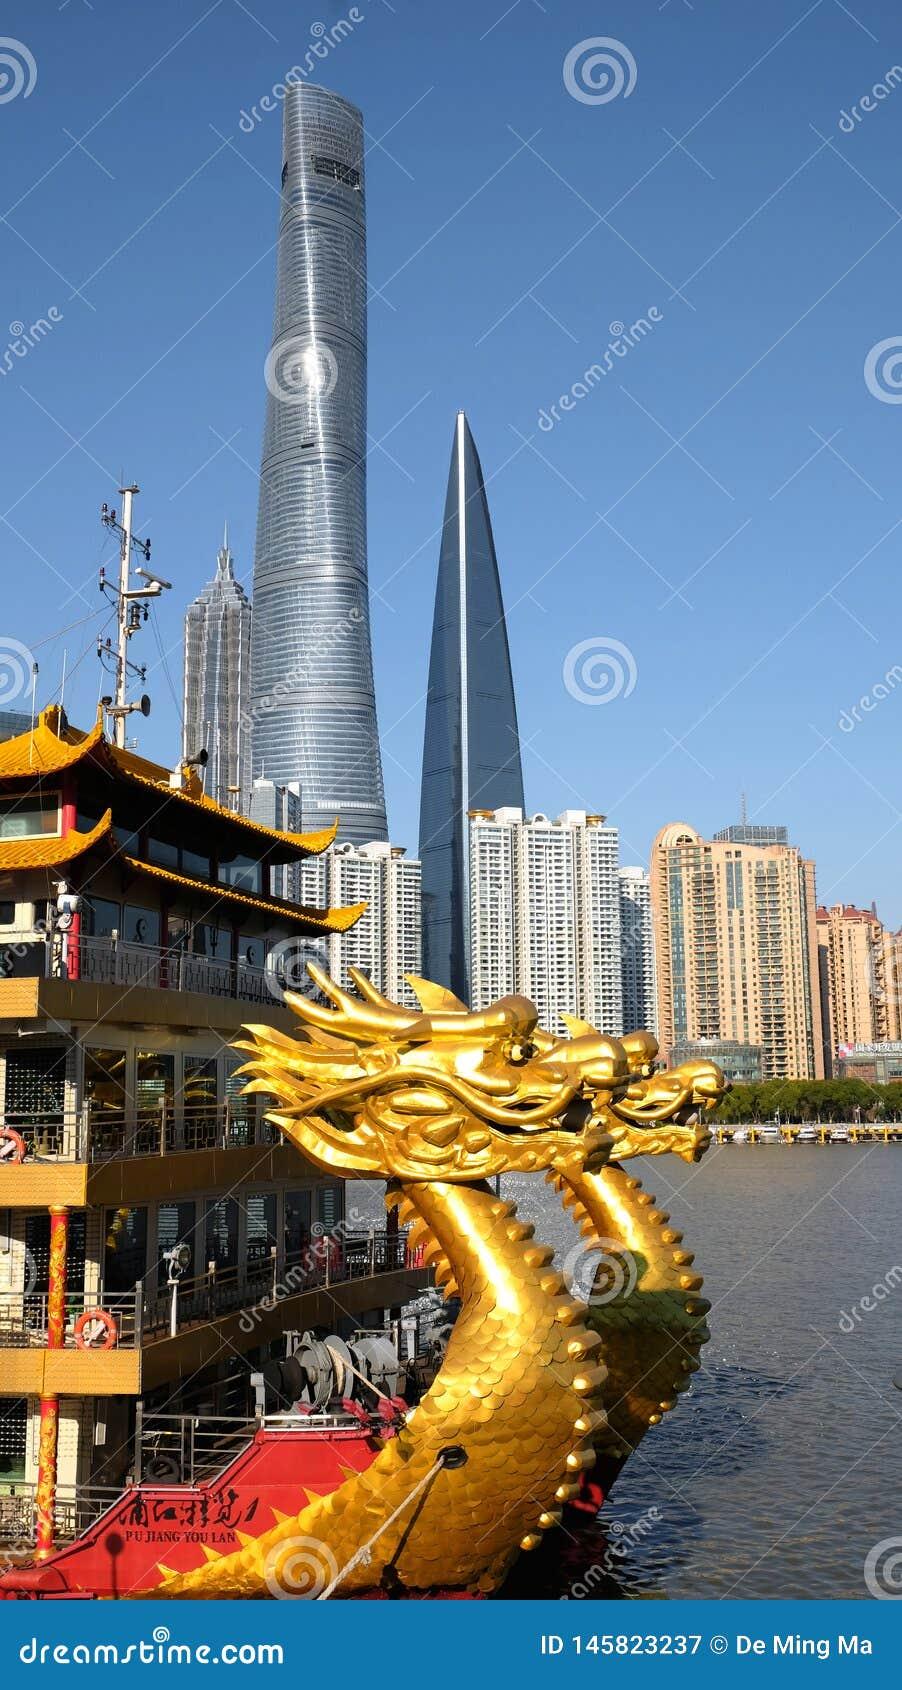 Smok łódź: Smok jest symbolem Chiny i Szanghaj jest w wiodącej pozycji w Chiny